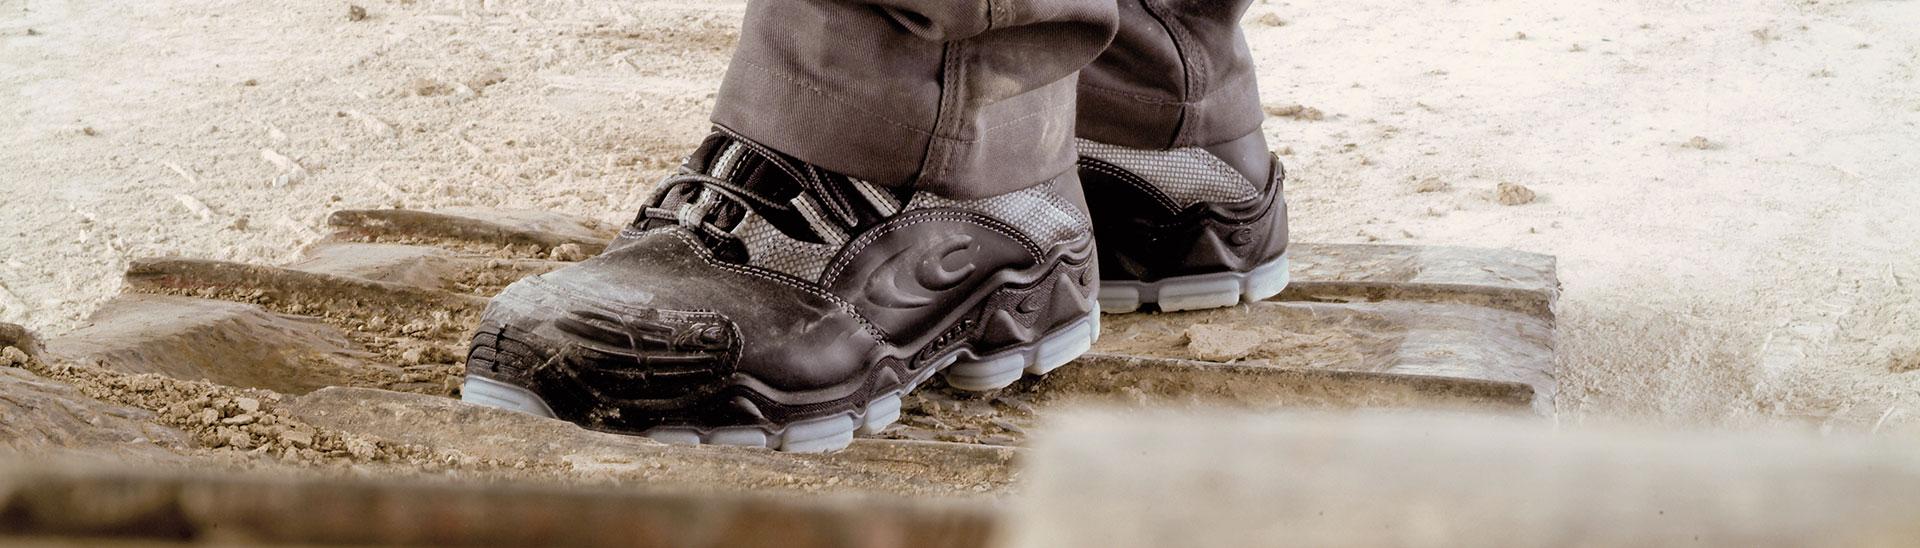 slip resistant safety footwear